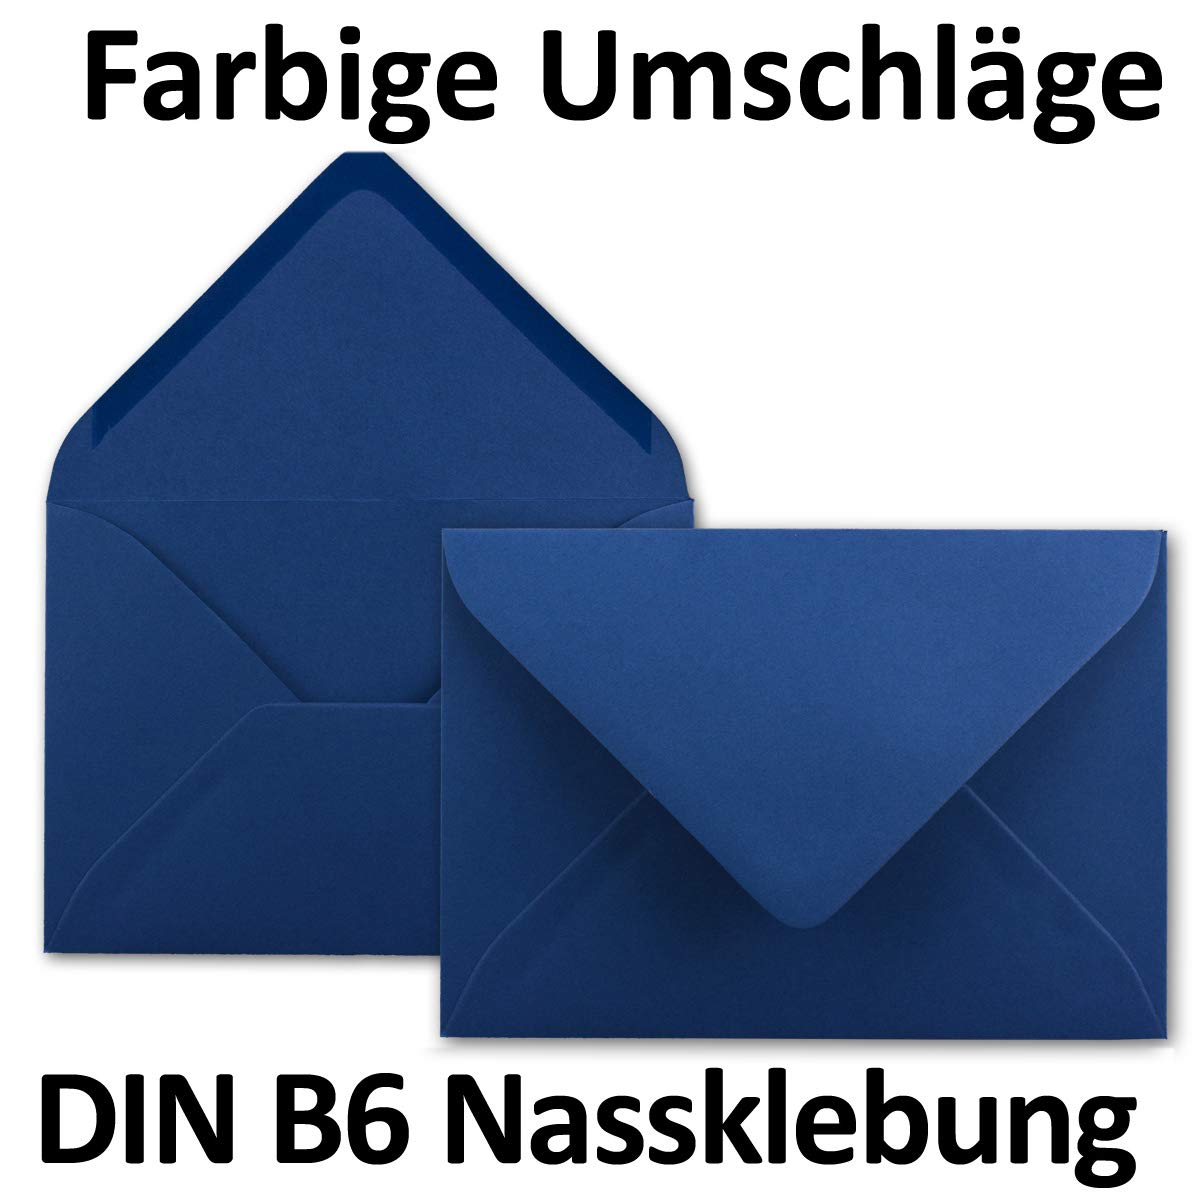 Neuser formato B6 dimensioni/175 x 125/mm chiusura adesiva da inumidire 50 Umschl/äge giallo miele Buste da lettere da 80 g//m/² in colori vivaci